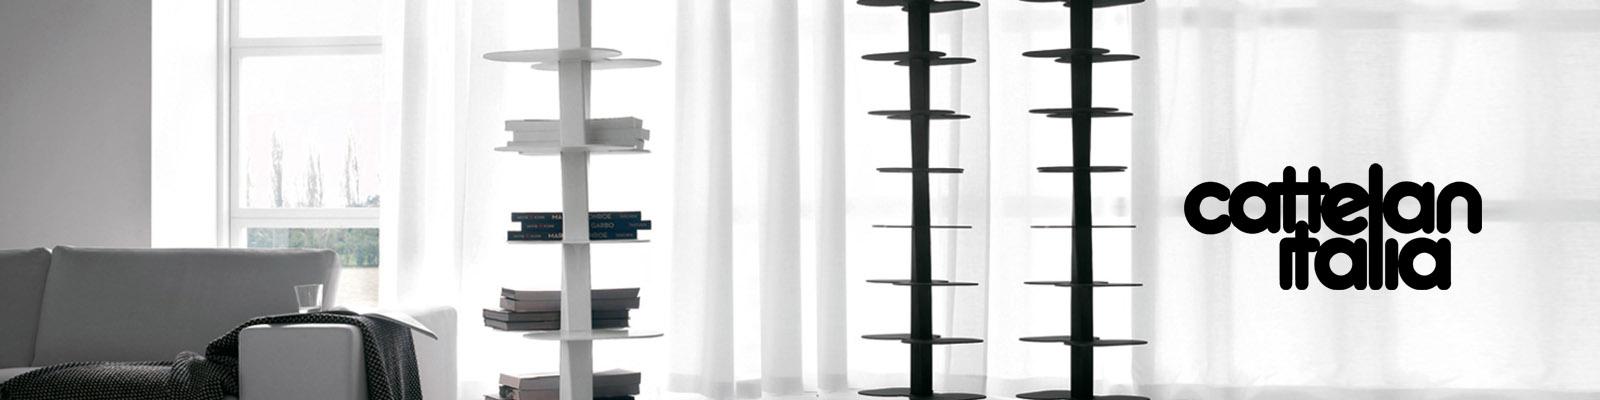 Libreria dna di cattelan italia cattelan arredamenti for Cattelan arredamenti